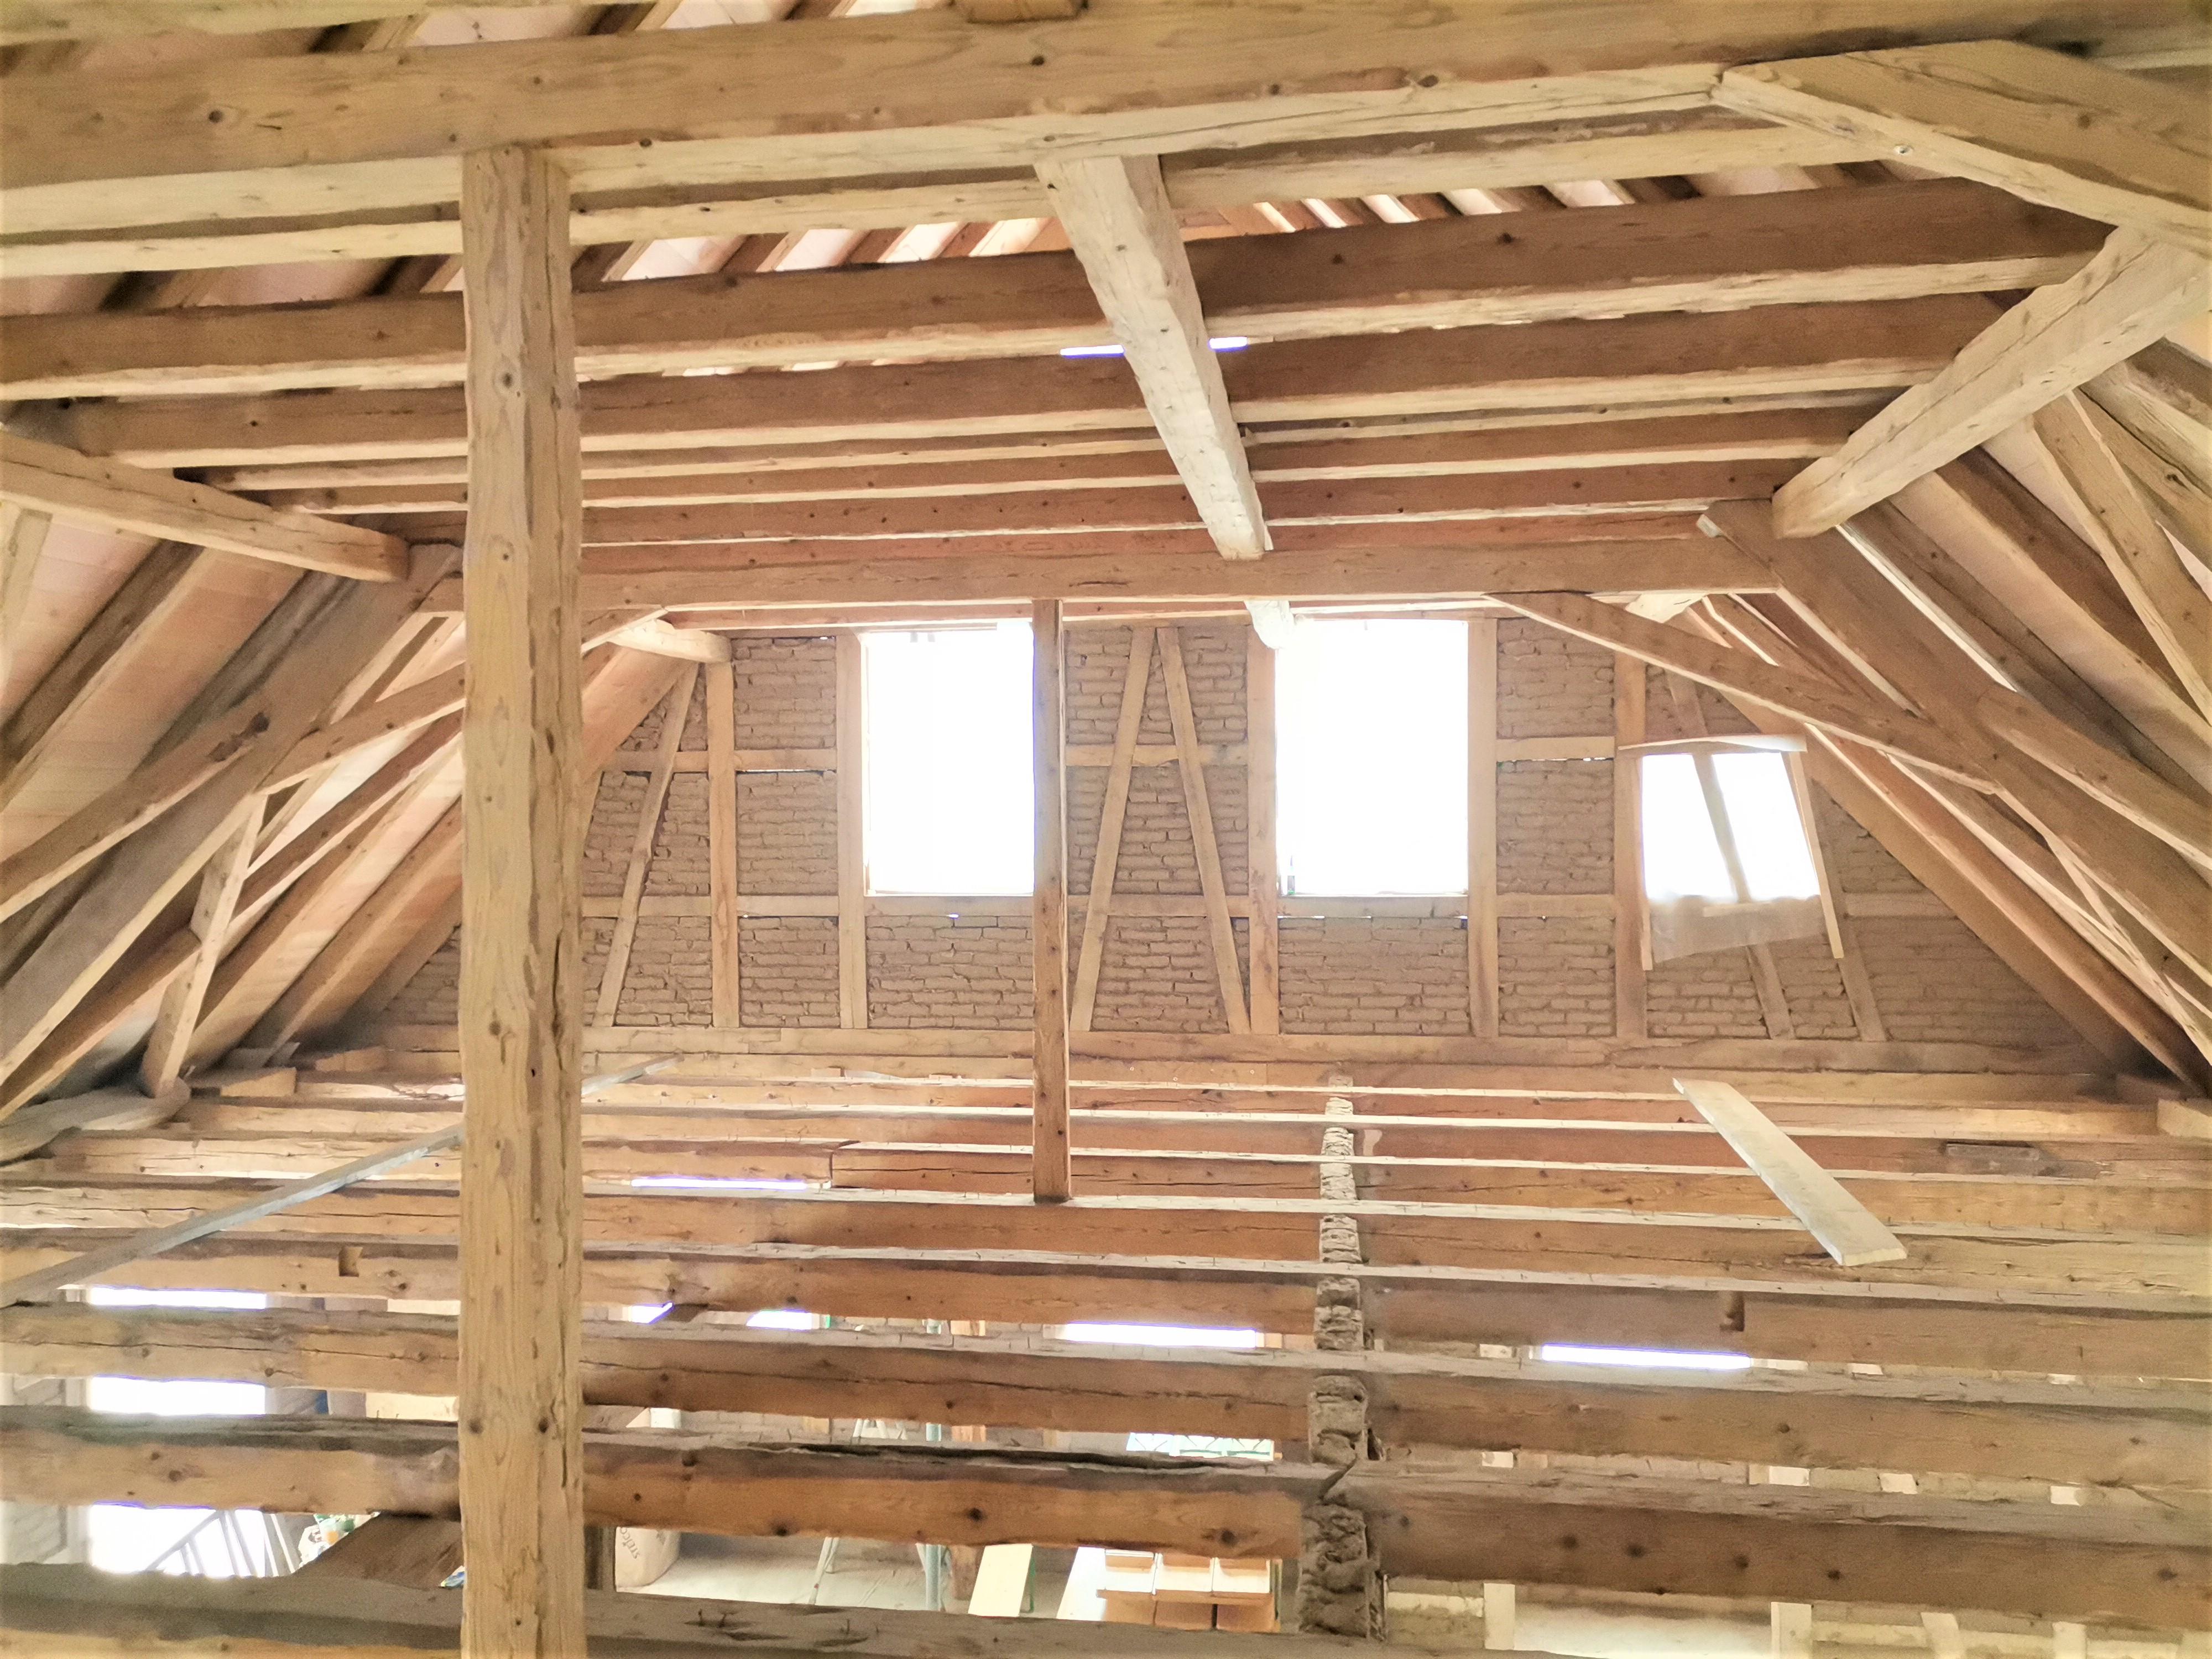 Dachstuhl einer Scheune greinigt